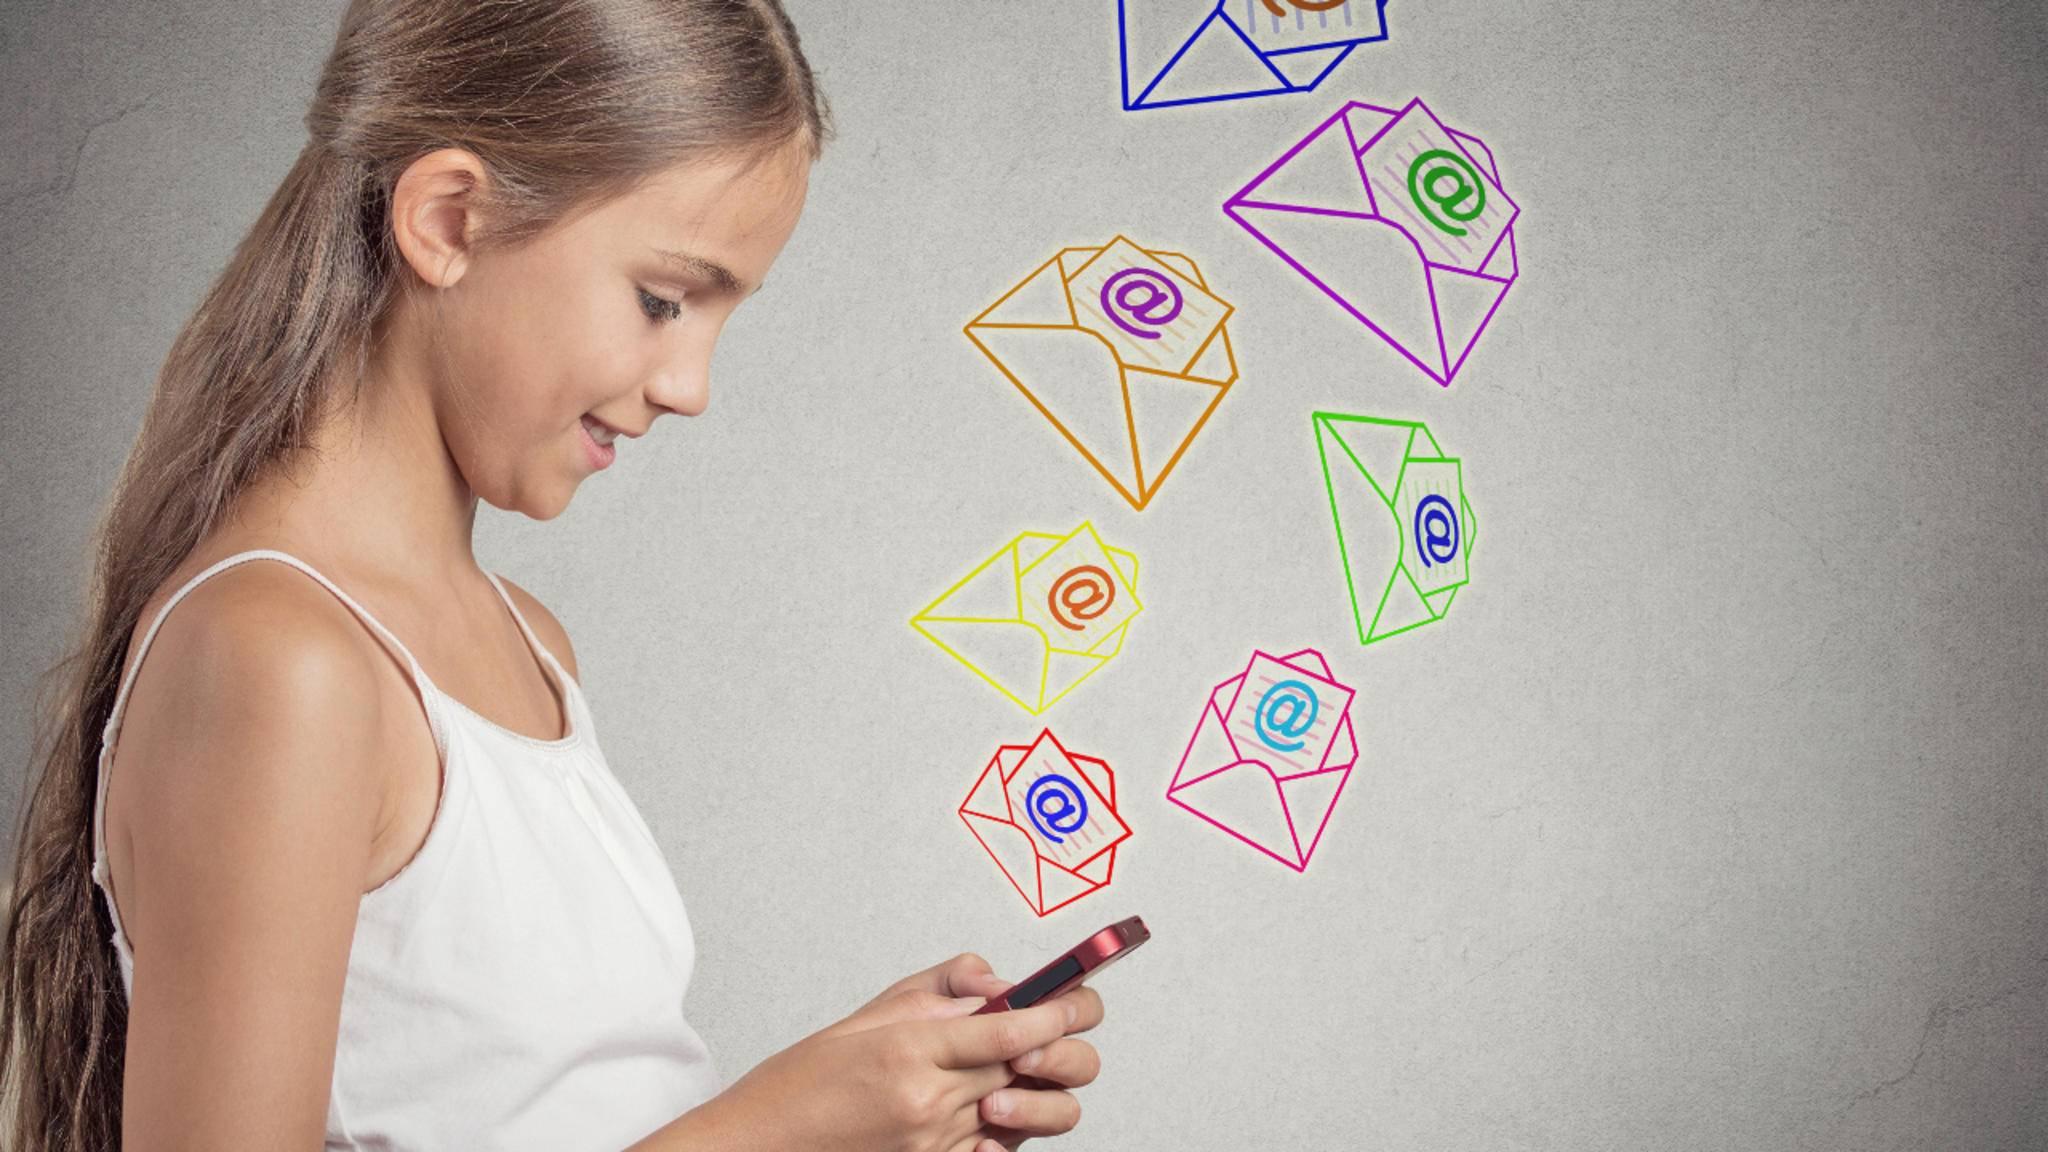 Du willst auf Deinem iPhone die Mailbox ausschalten? So geht's.